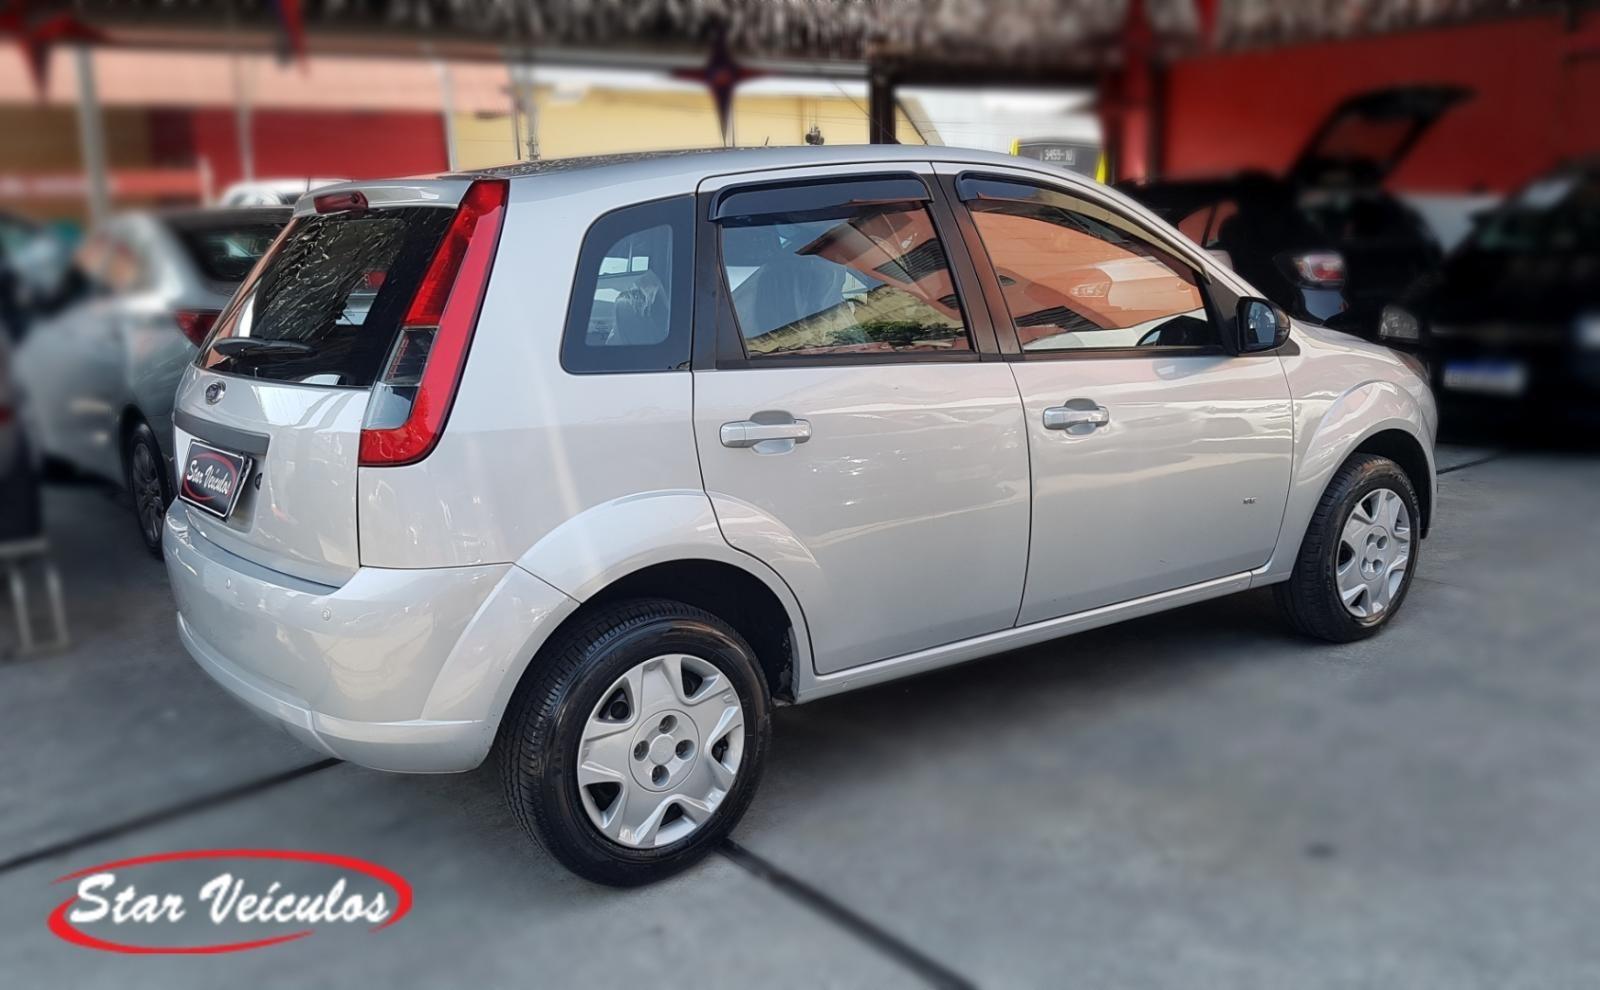 //www.autoline.com.br/carro/ford/fiesta-10-se-8v-flex-4p-manual/2014/sao-paulo-sp/12345404